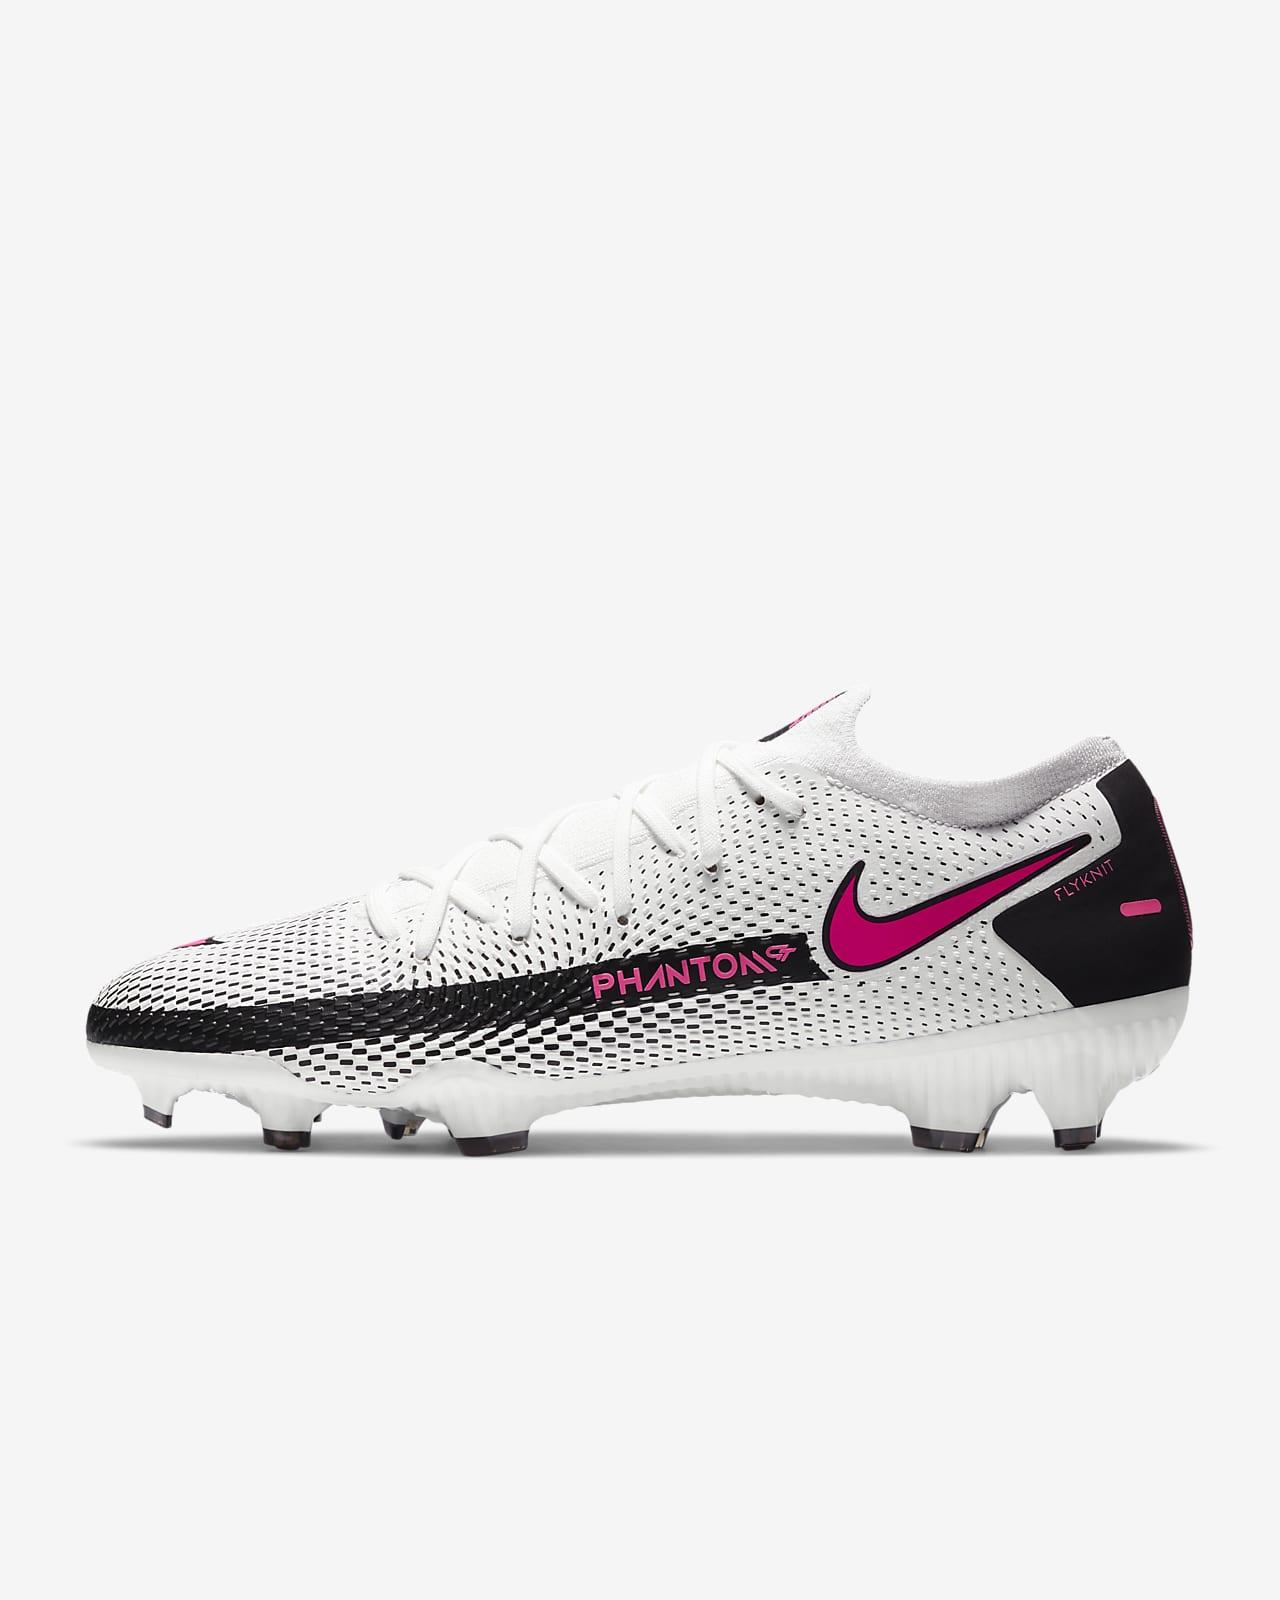 Nike Phantom GT Pro FG Fußballschuh für normalen Rasen